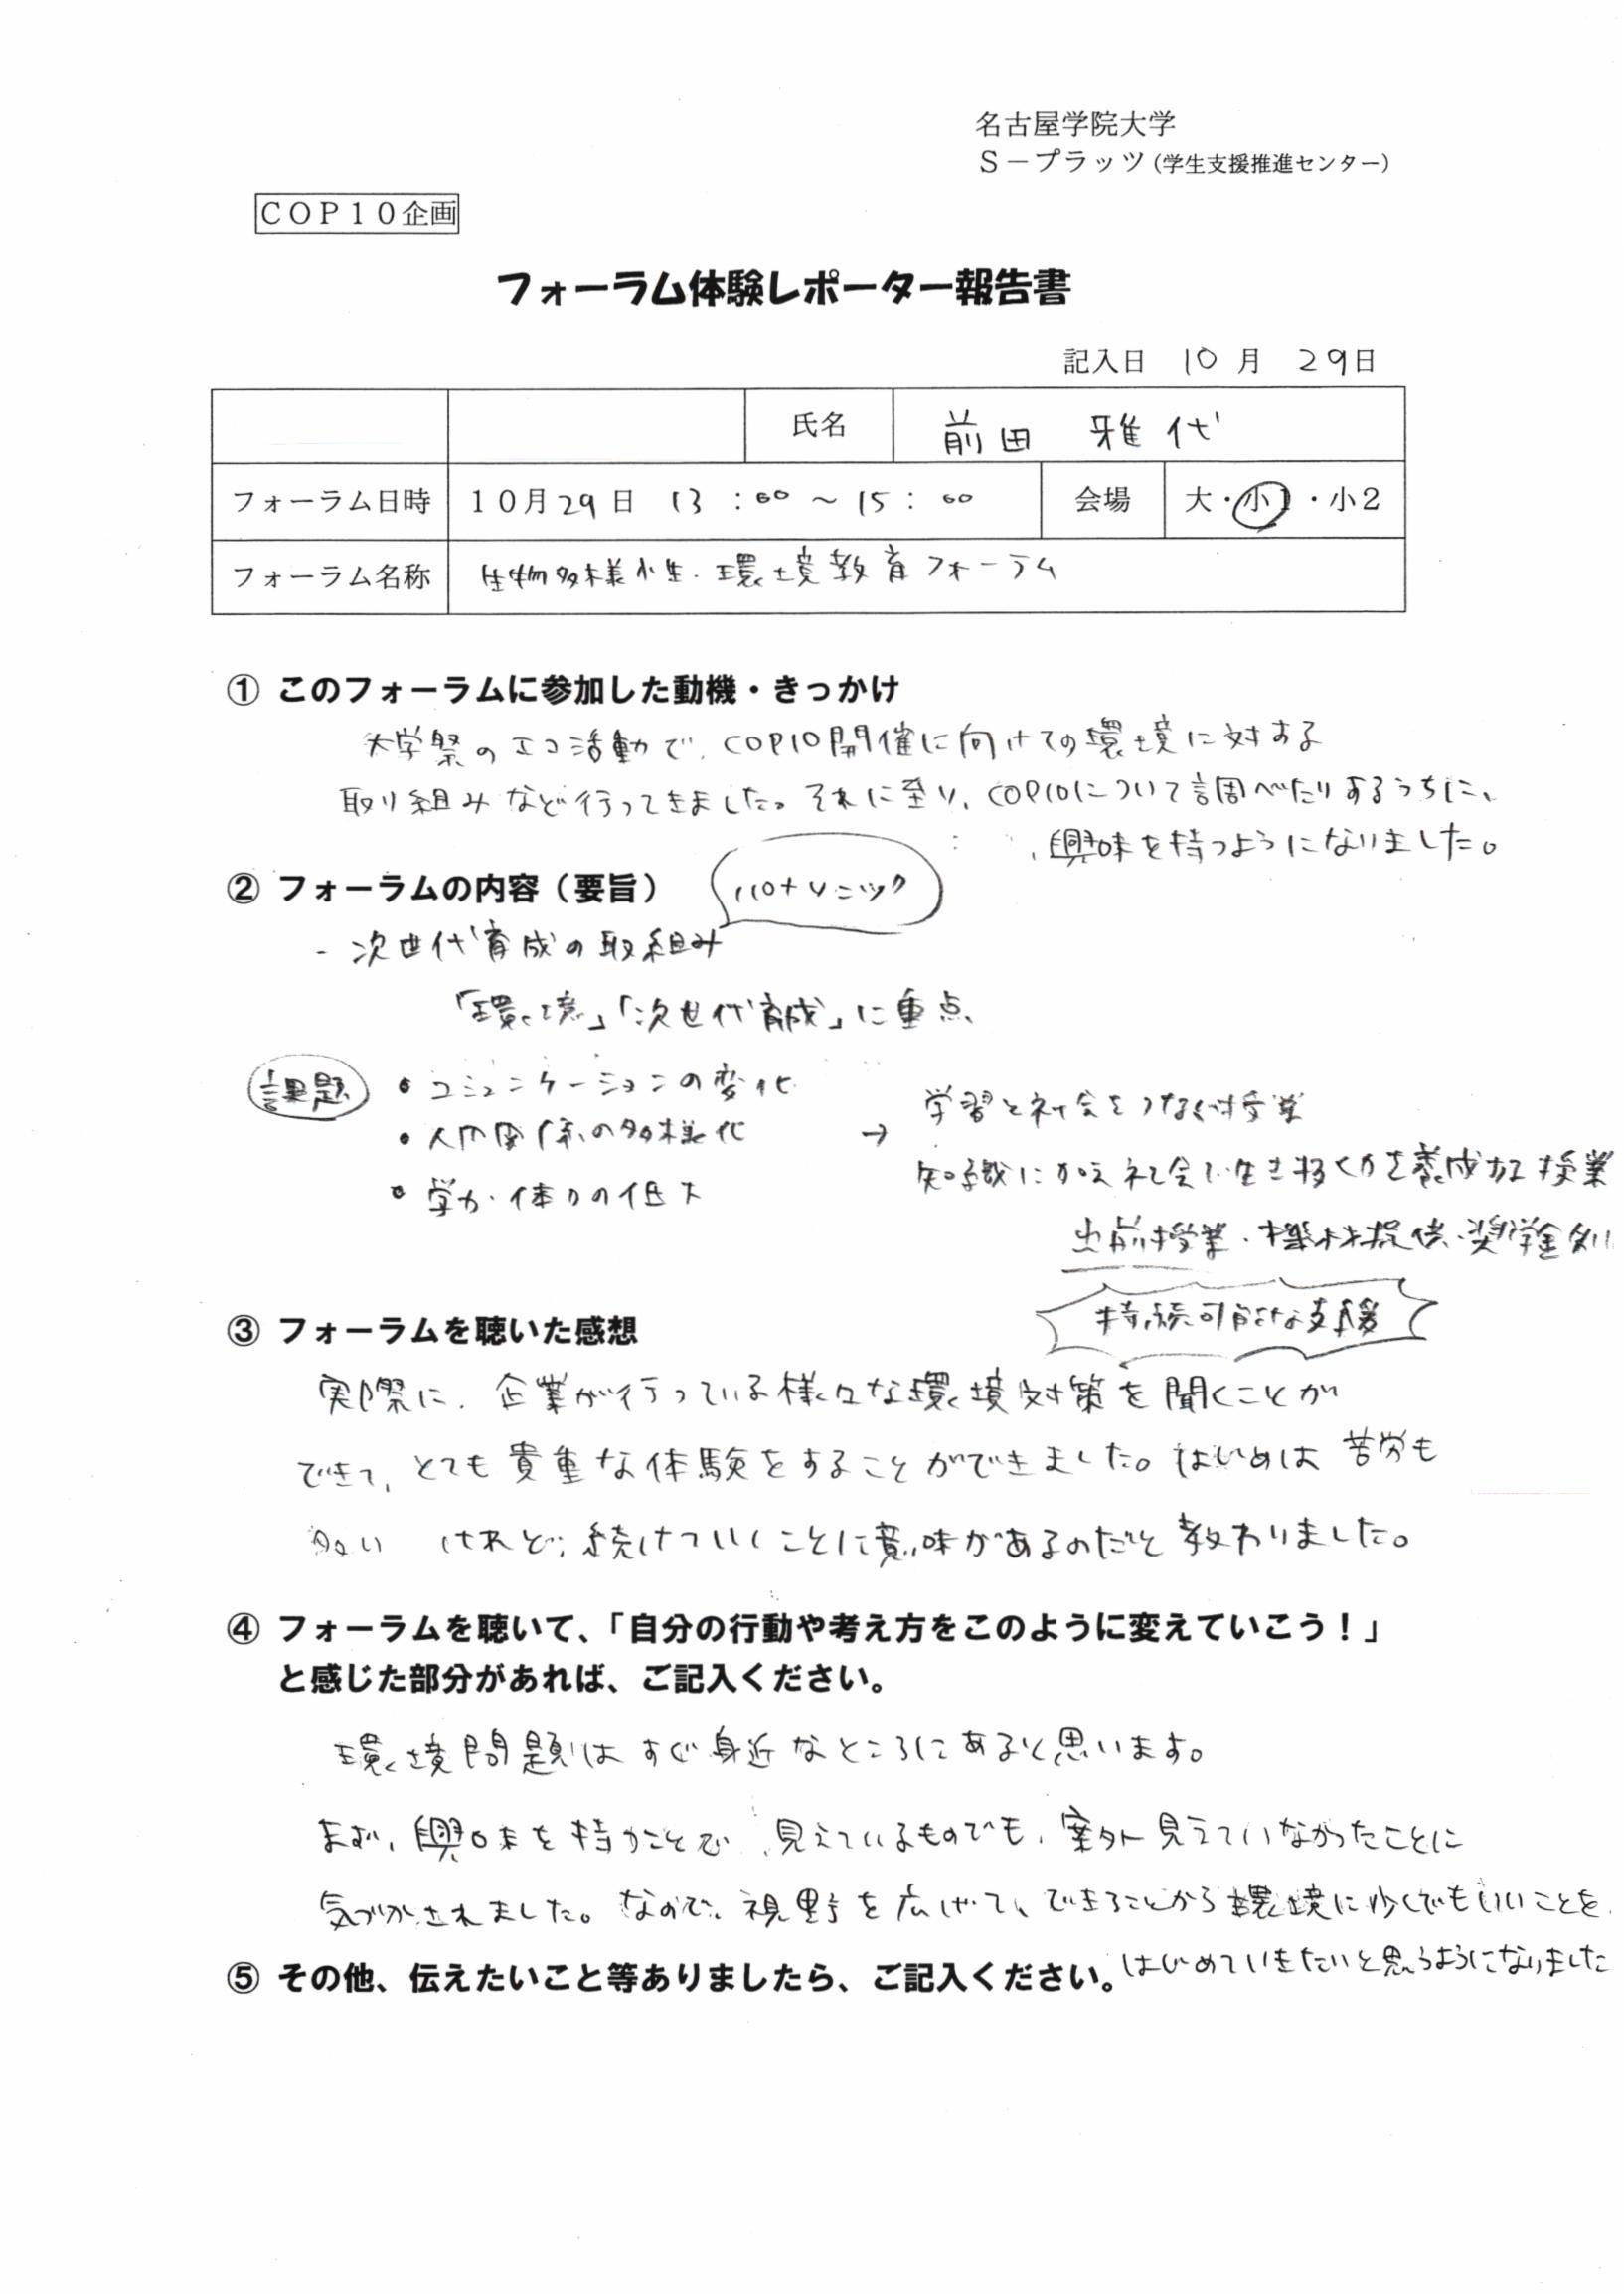 フォーラム体験レポーター報告前田